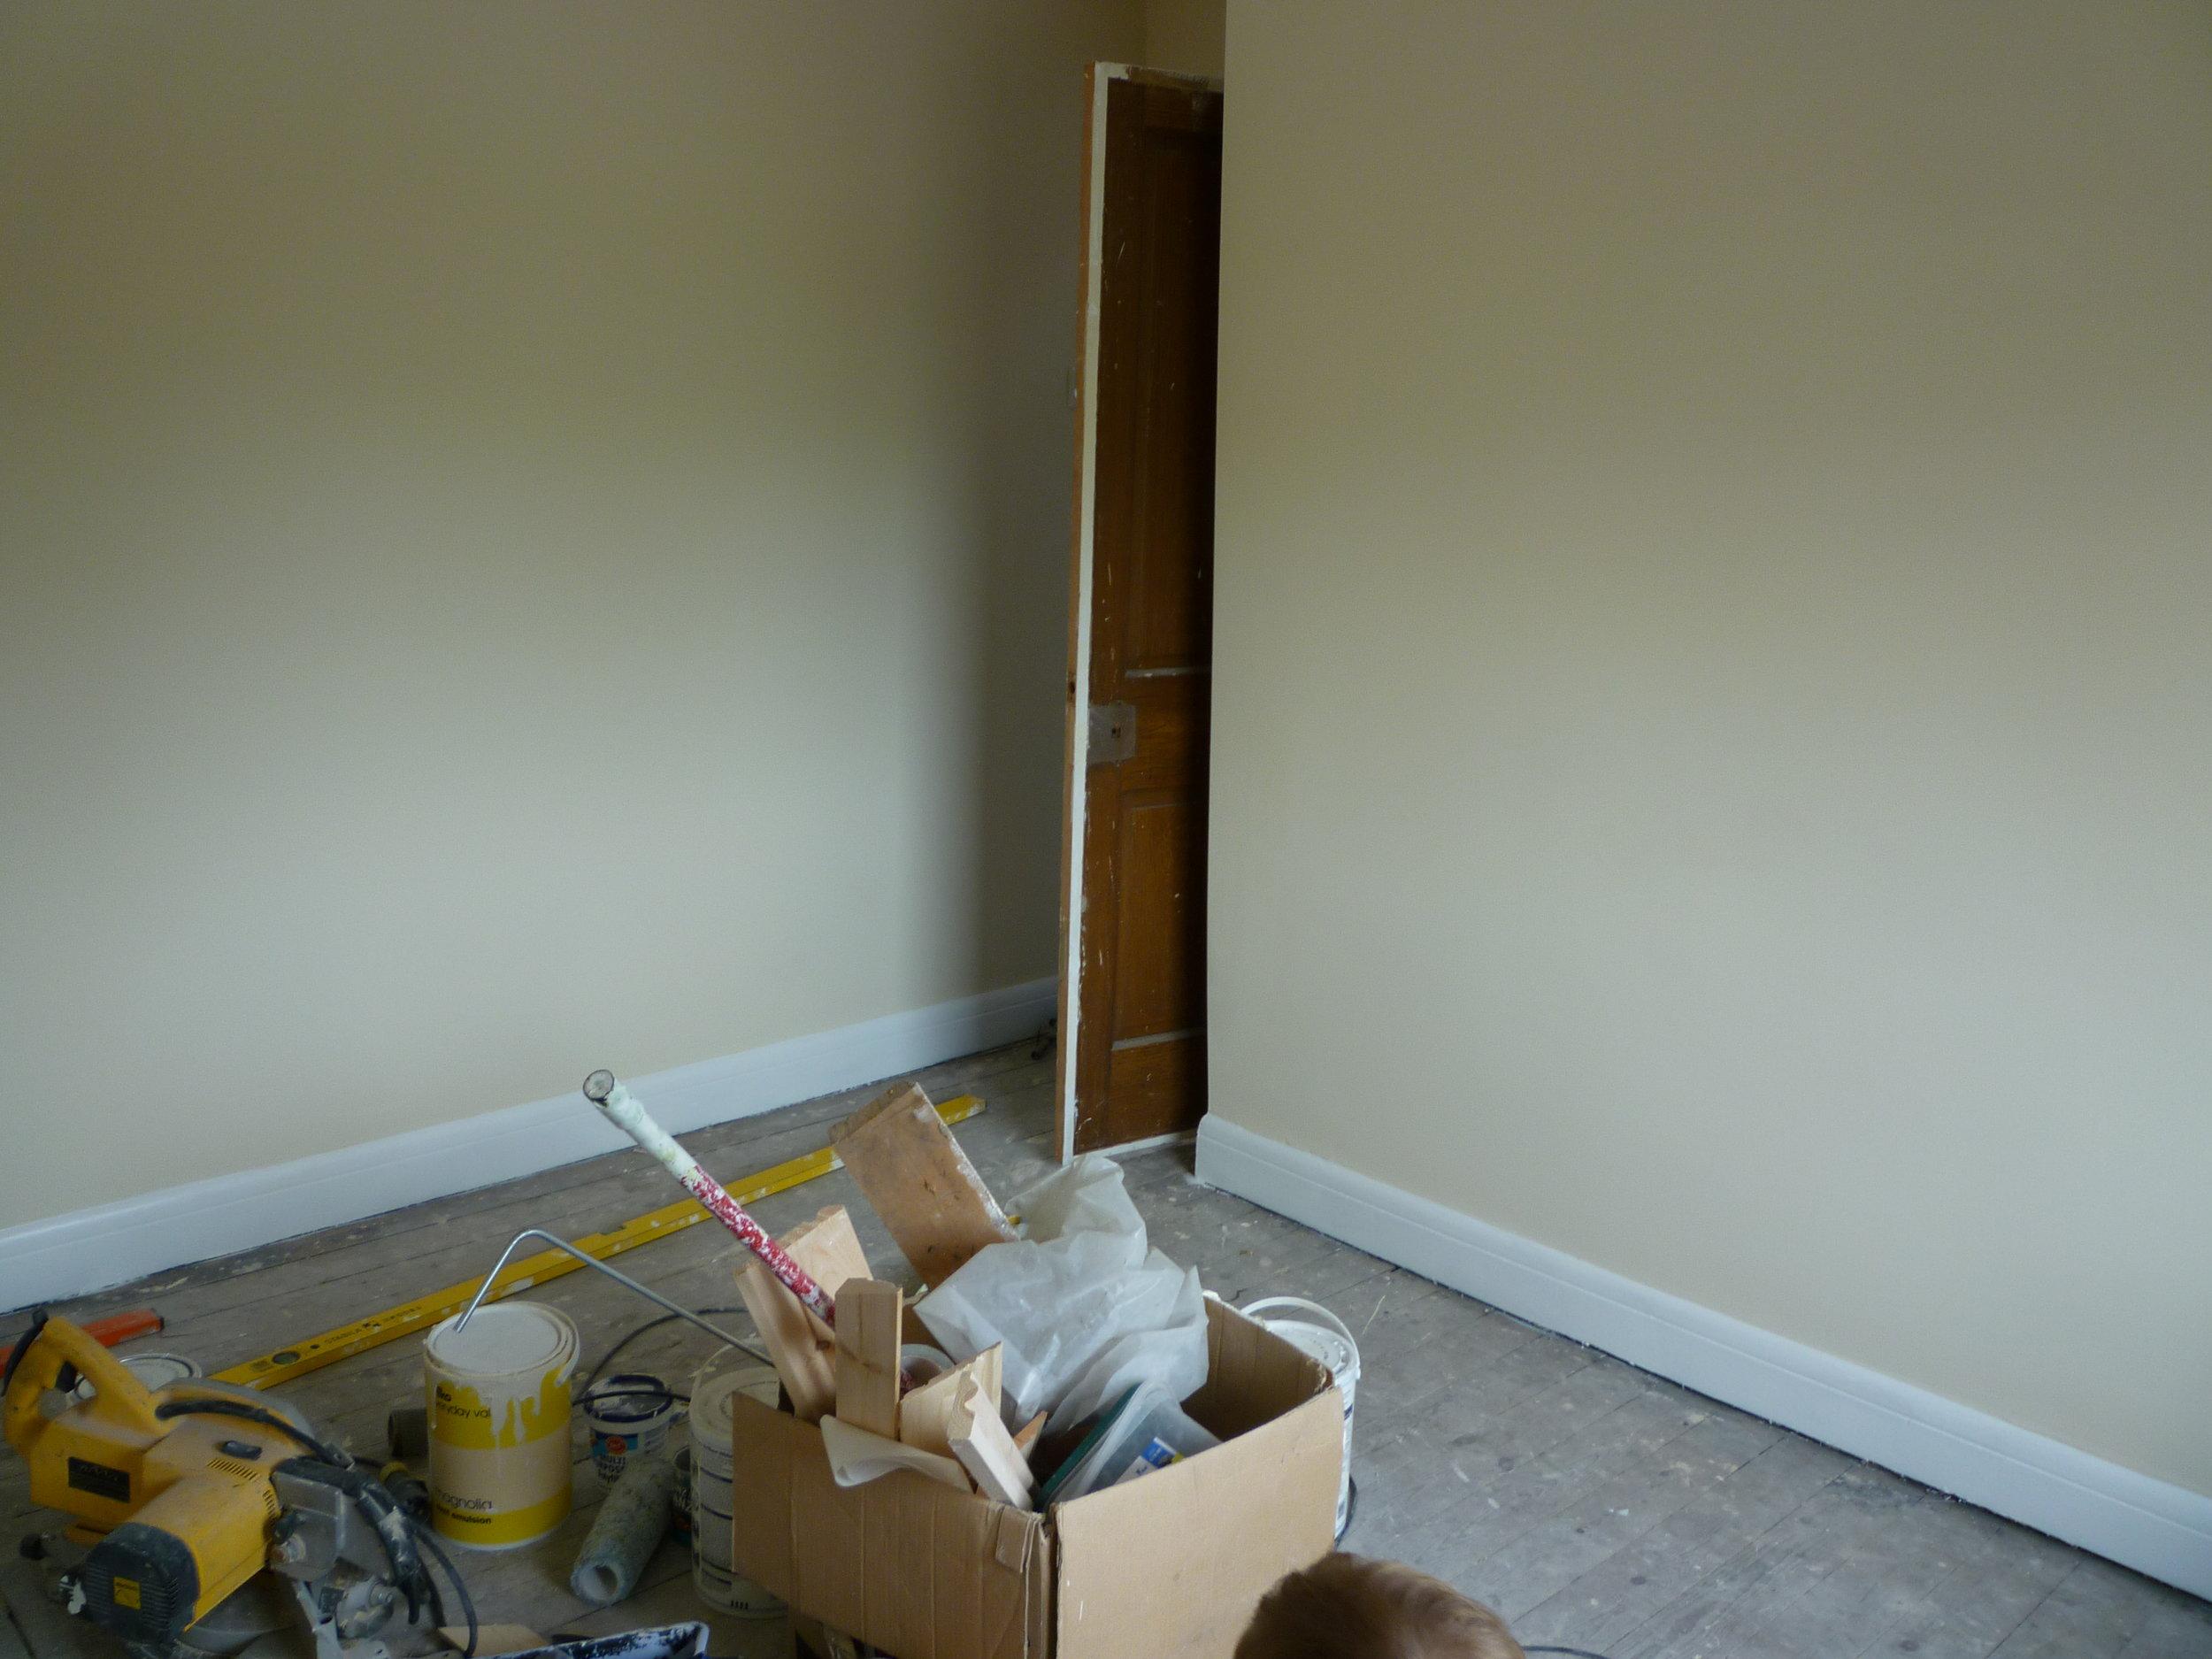 Plastered room